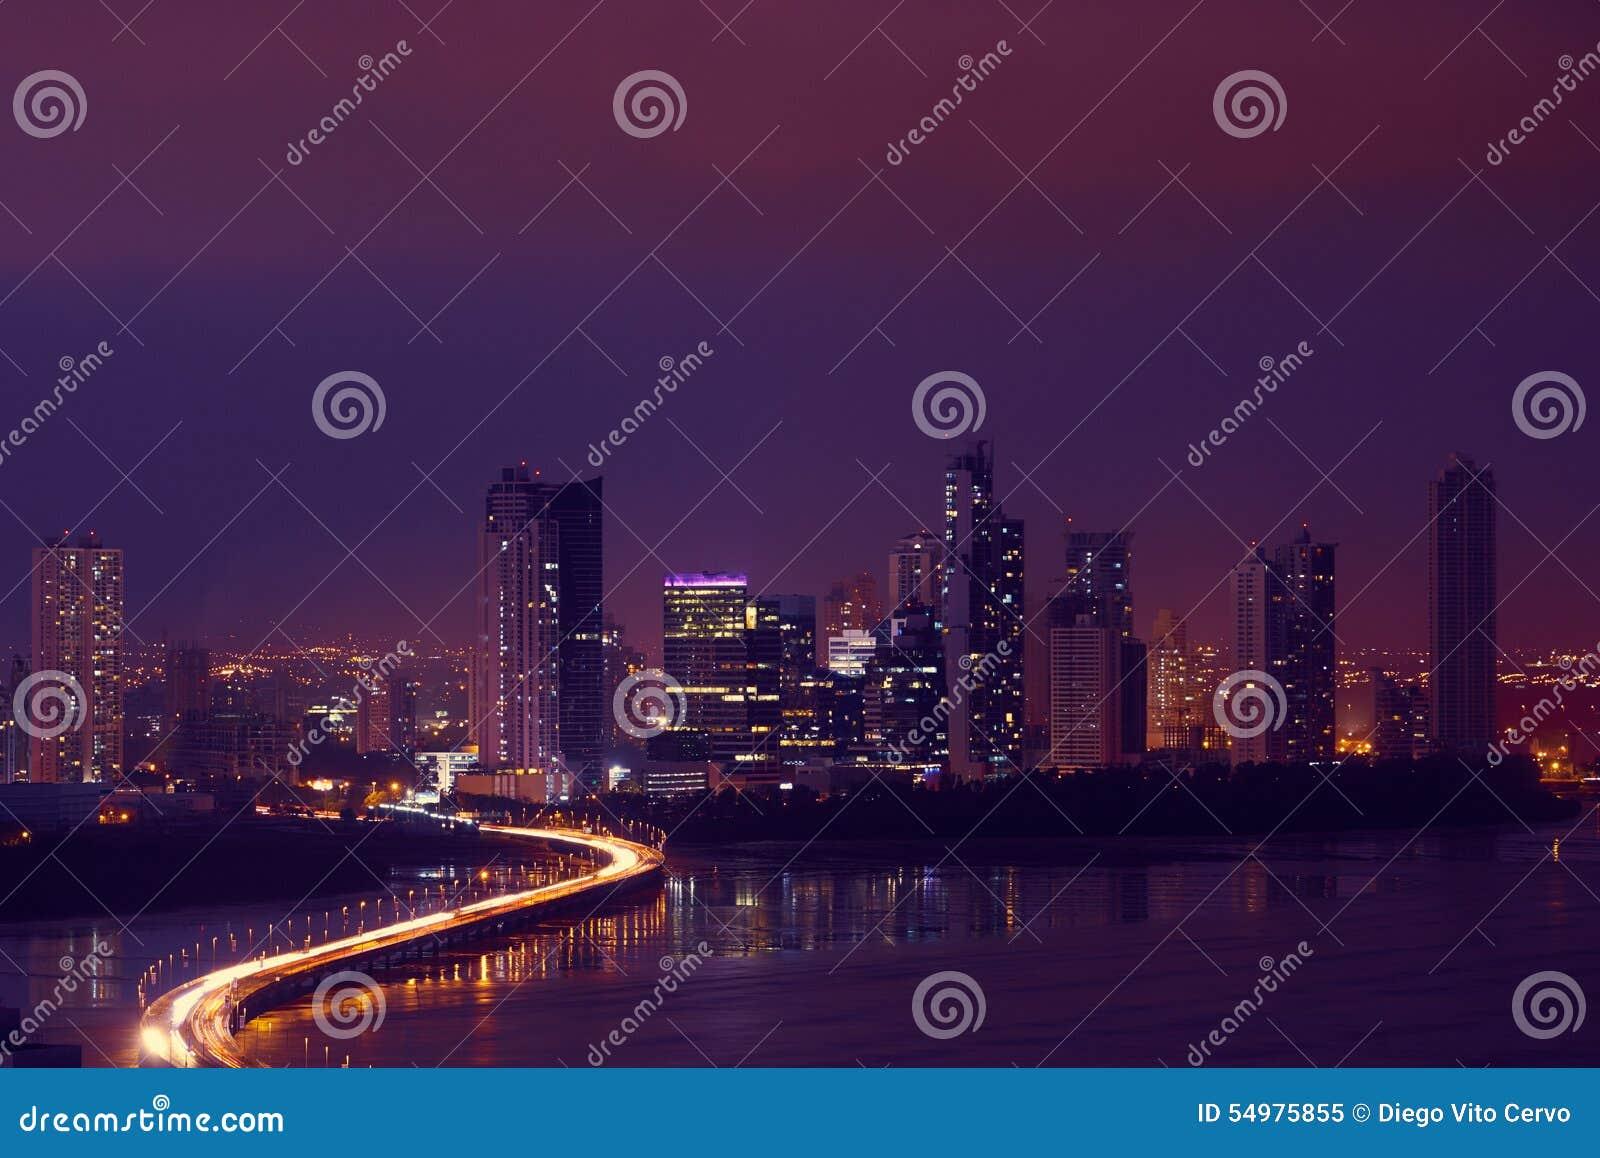 Horizonte de la noche de ciudad de Panamá con tráfico de coche en la carretera